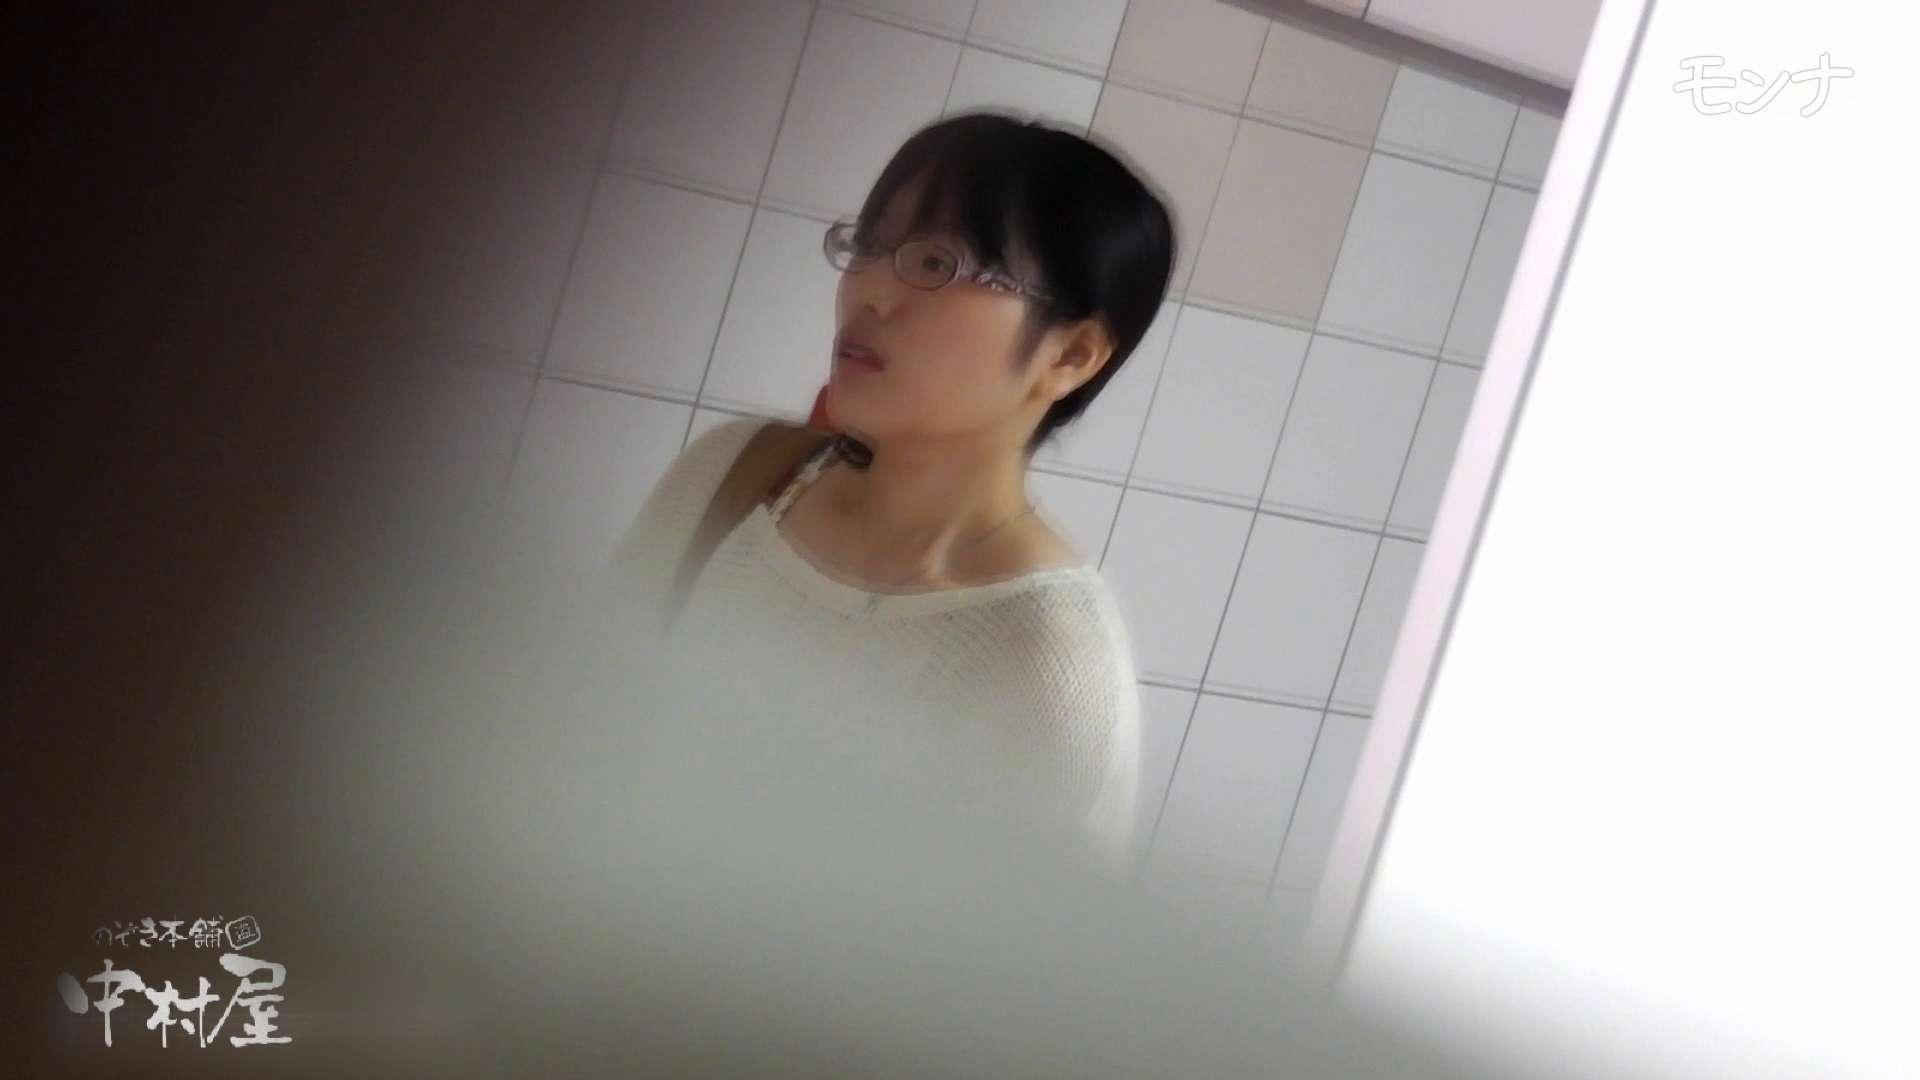 美しい日本の未来 No.55 普通の子たちの日常調長身あり 生おまんこ  92PICs 27